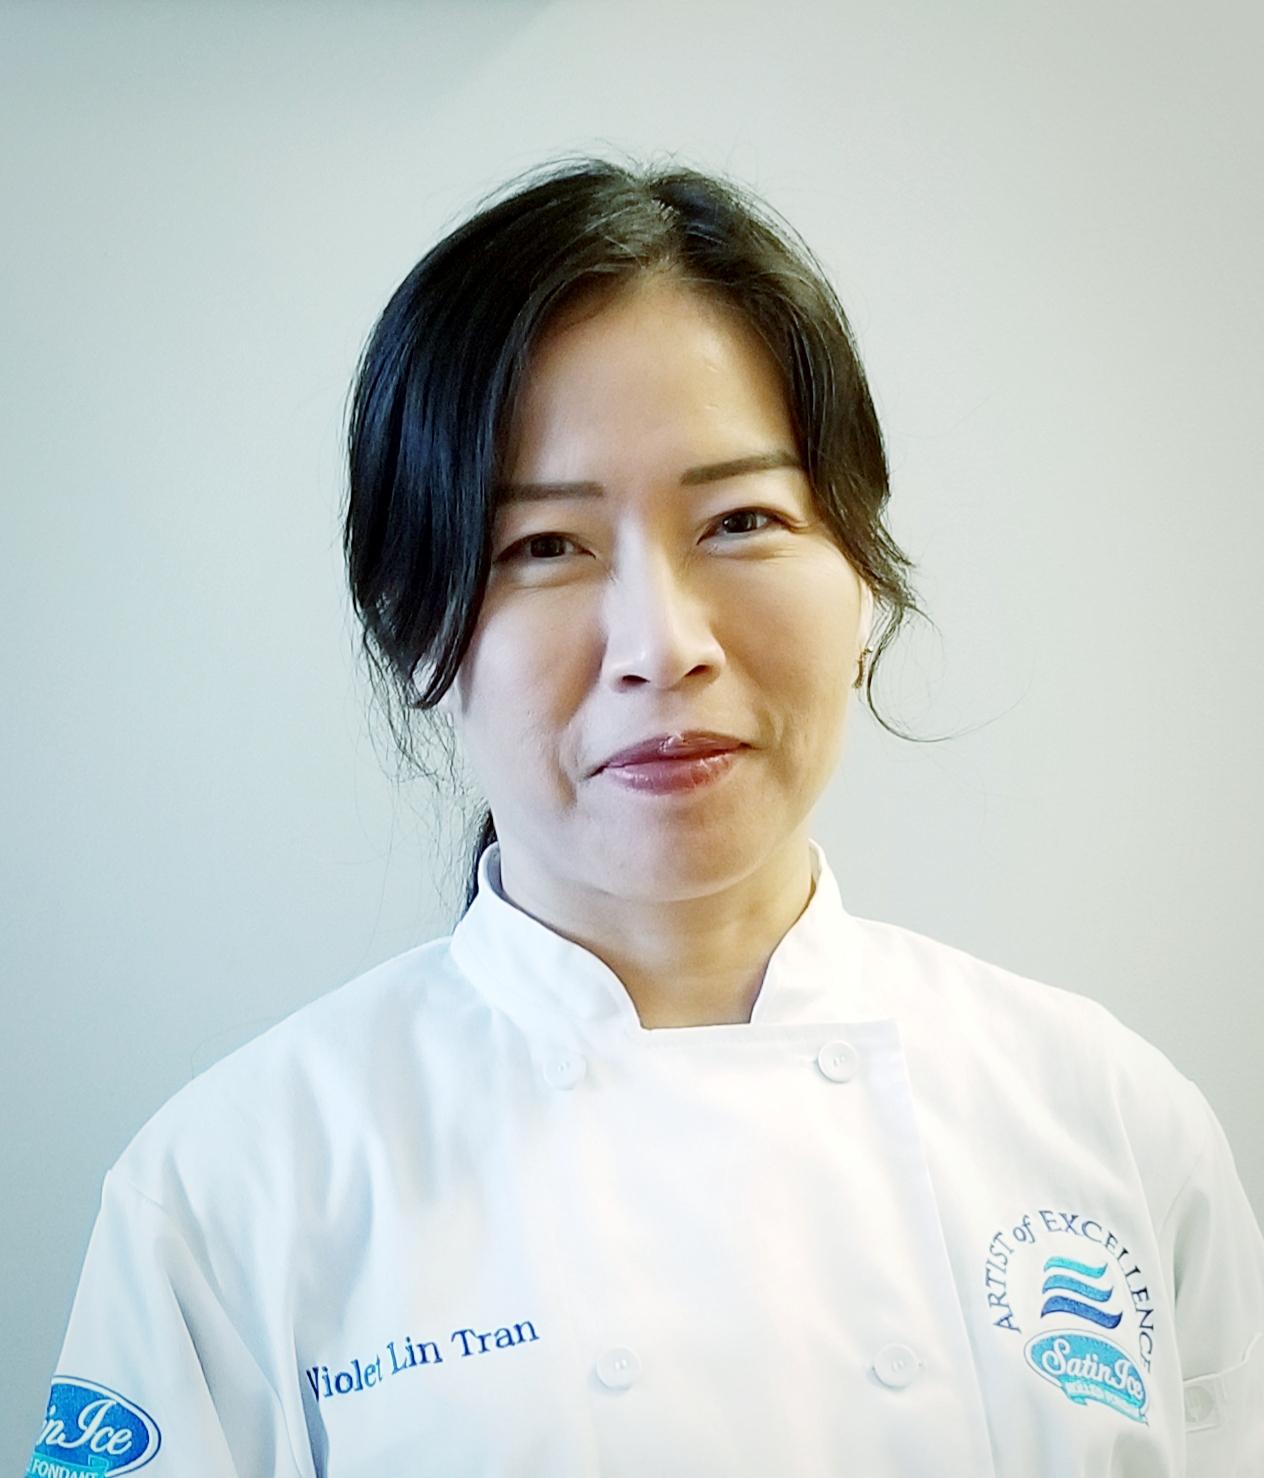 Violet Lin Tran